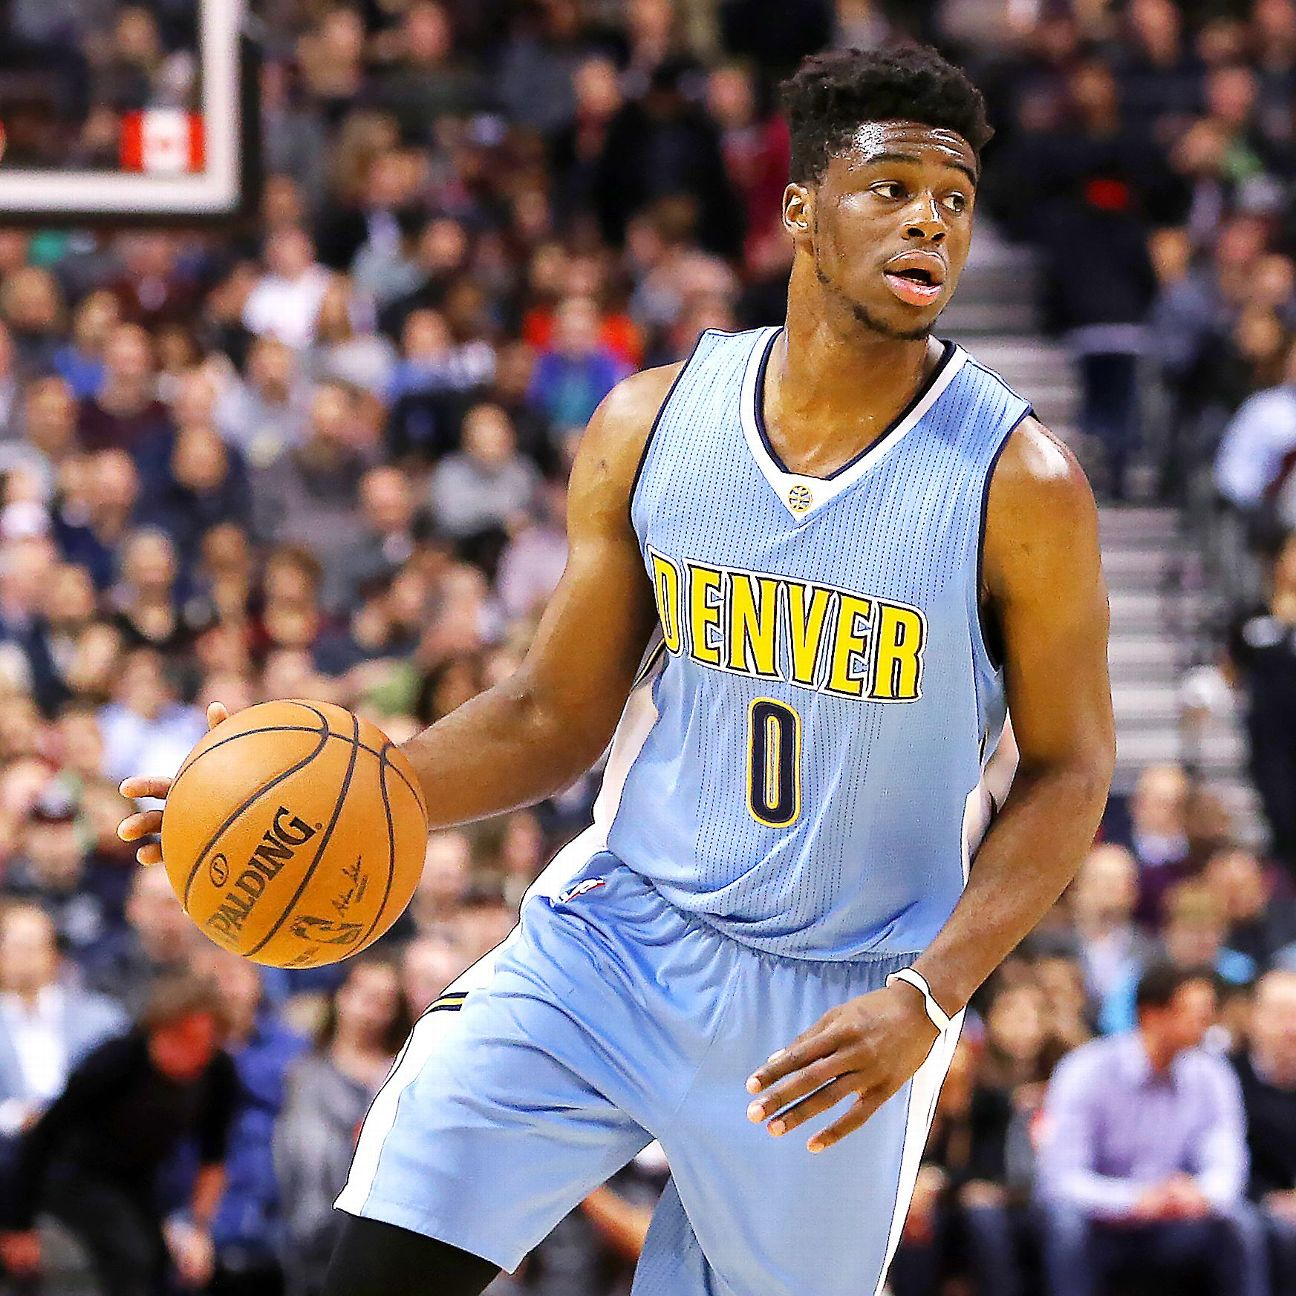 Denver Nuggets Espn: Denver Nuggets Eye Deals For Jimmy Butler Of Chicago Bulls